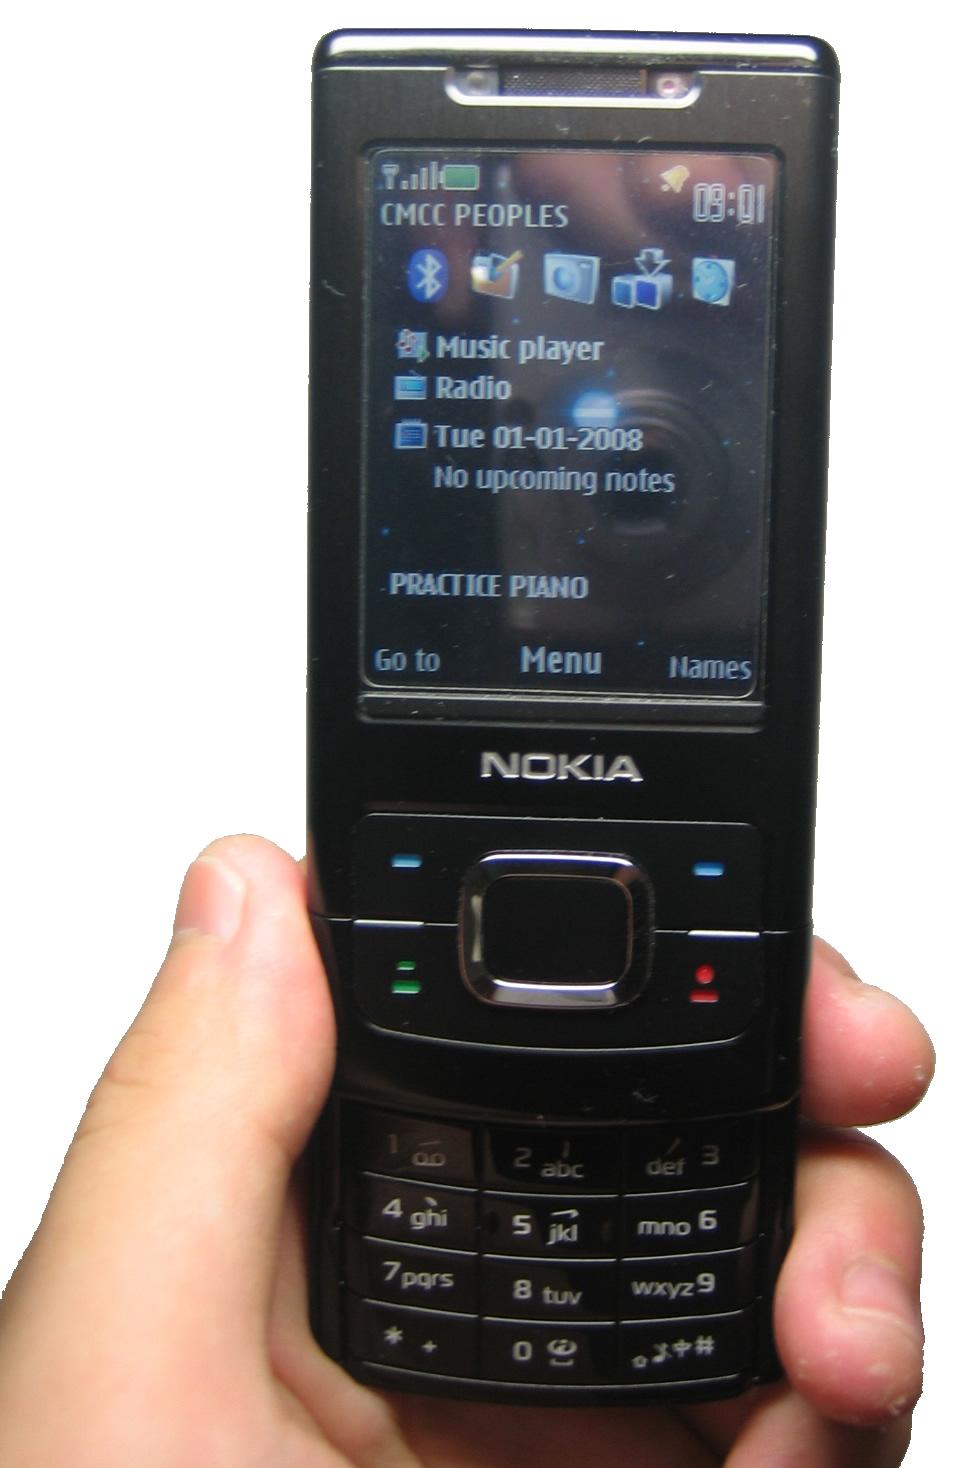 Nokia 6500 slide   Wikipedia  the free encyclopedia